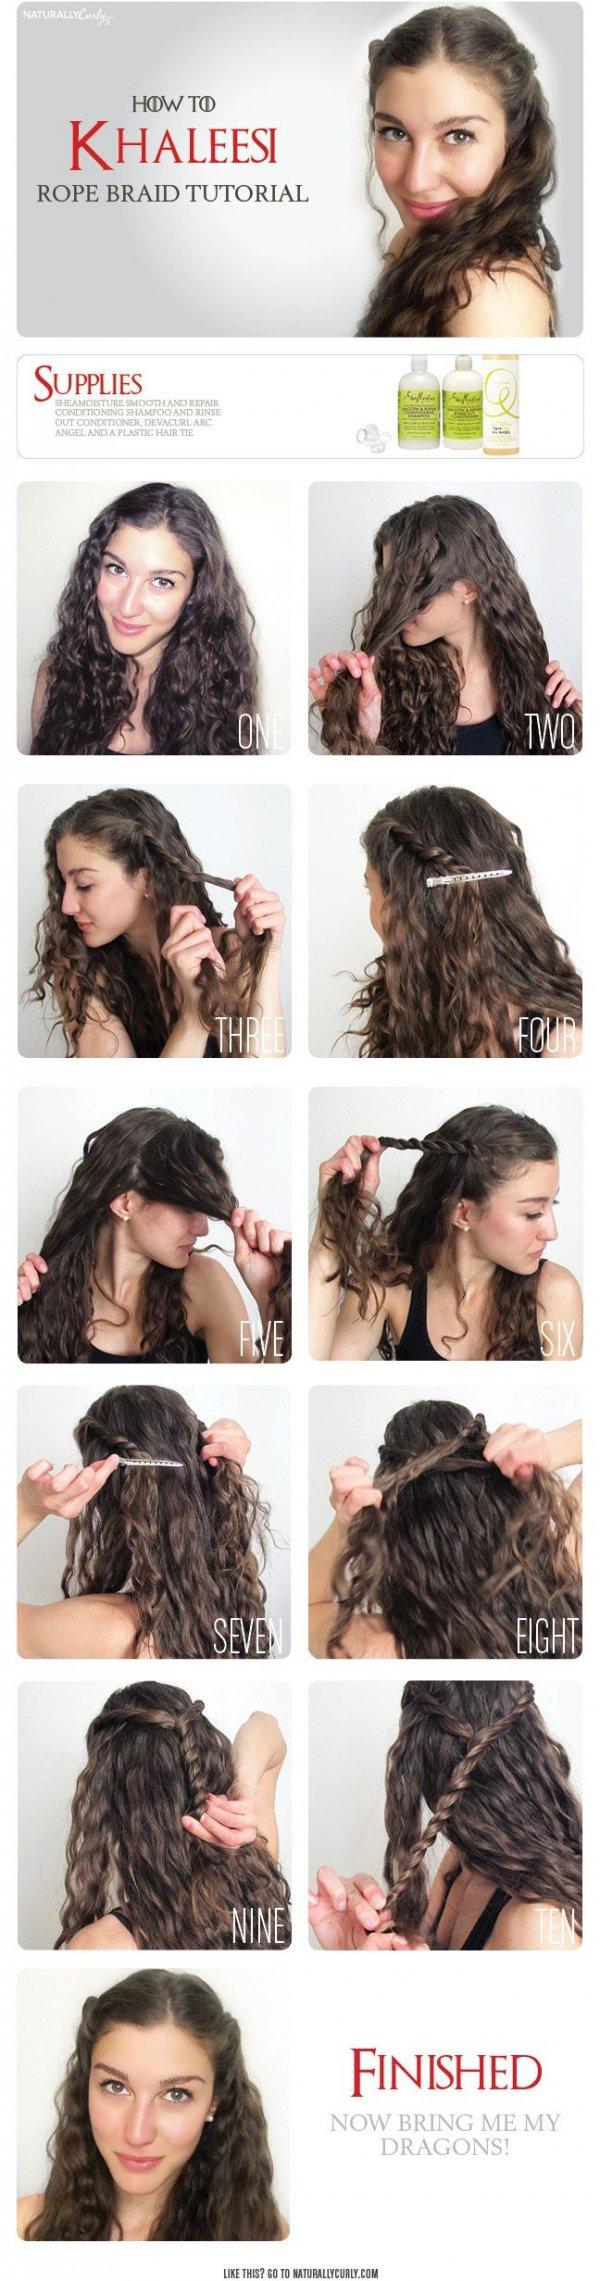 hair,face,nose,hairstyle,facial hair,